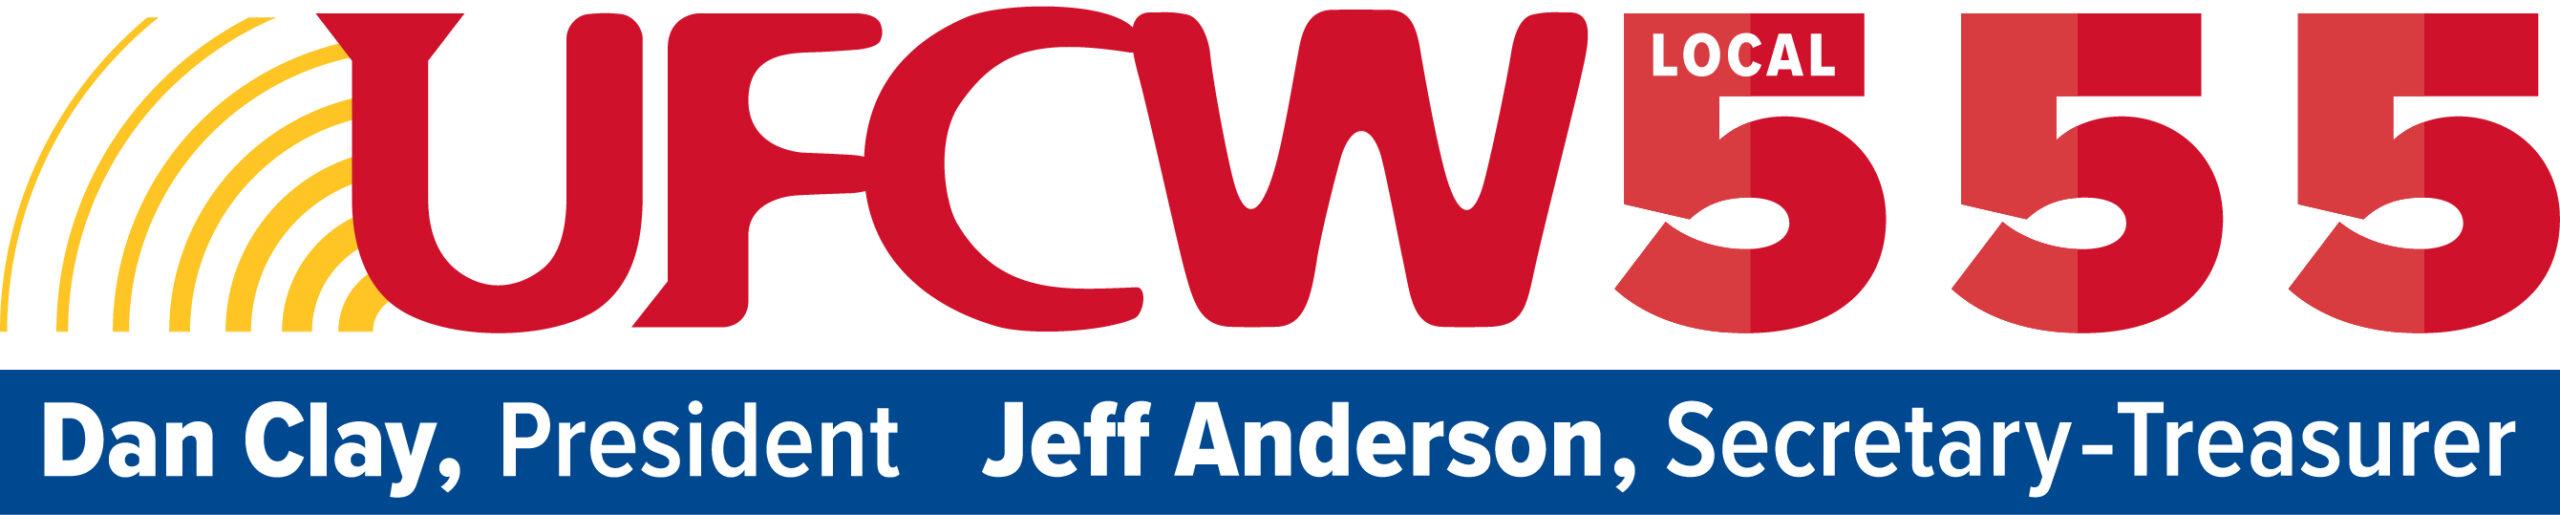 ufcw555-logo-blue-03